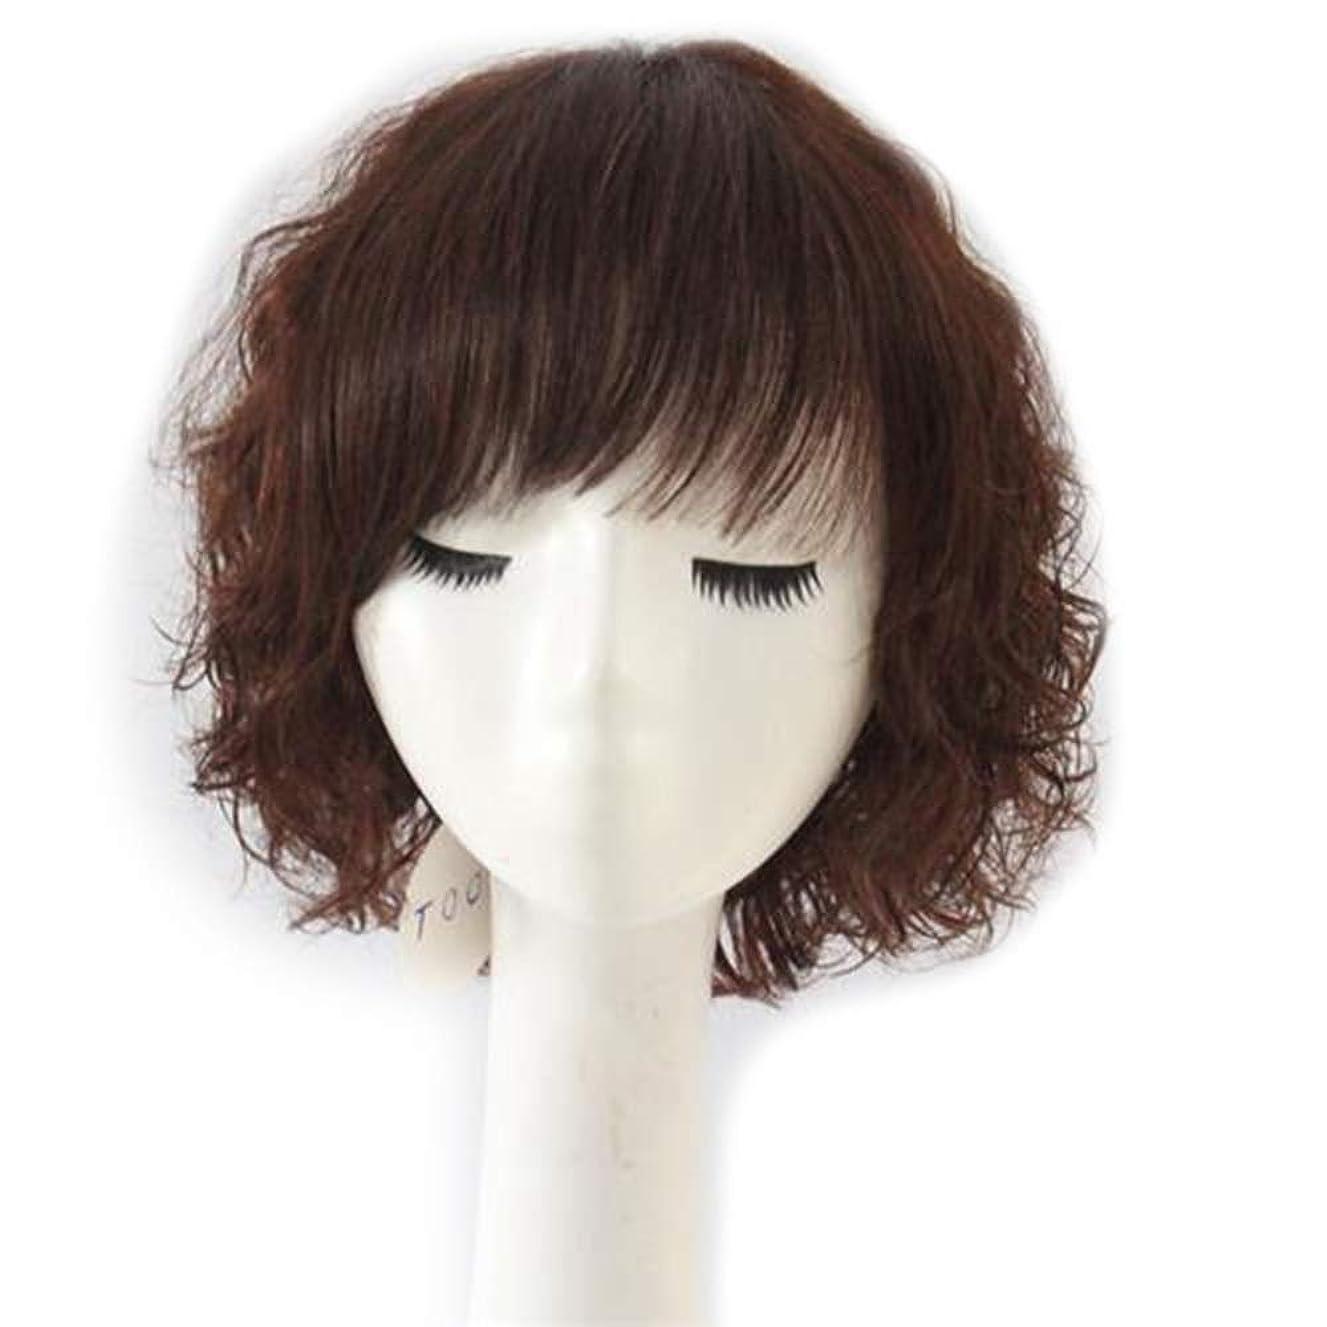 公平故意の機密BOBIDYEE 女性のふわふわショートカーリーヘアフルリアルウィッグファッションナチュラルウィッグ用母ギフトファッションウィッグ (色 : Dark brown)